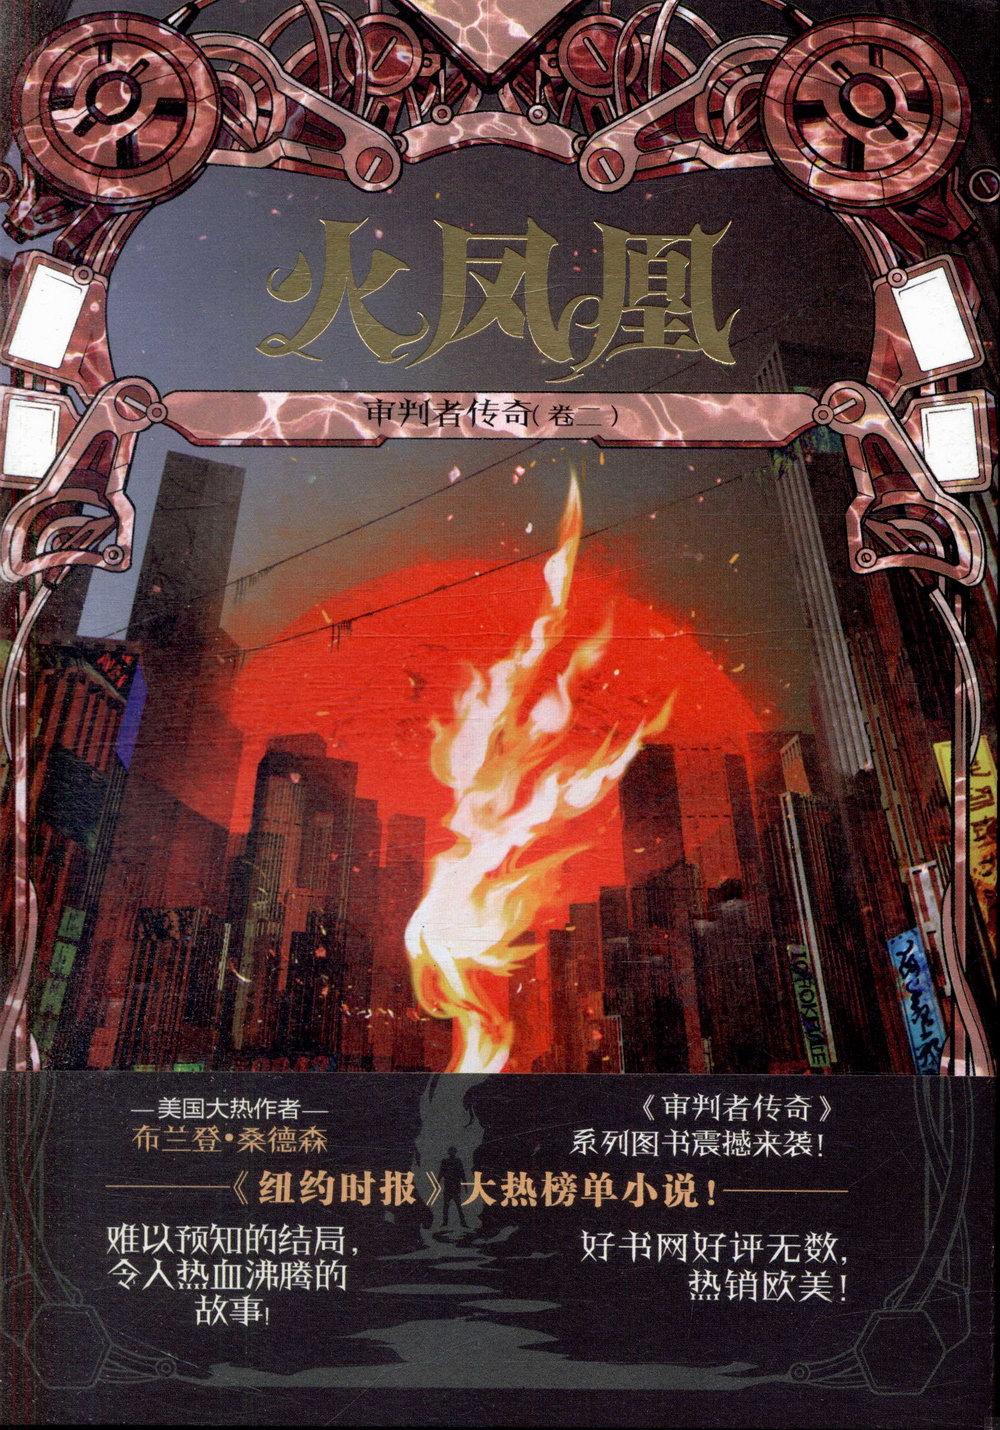 審判者傳奇(卷二):火鳳凰